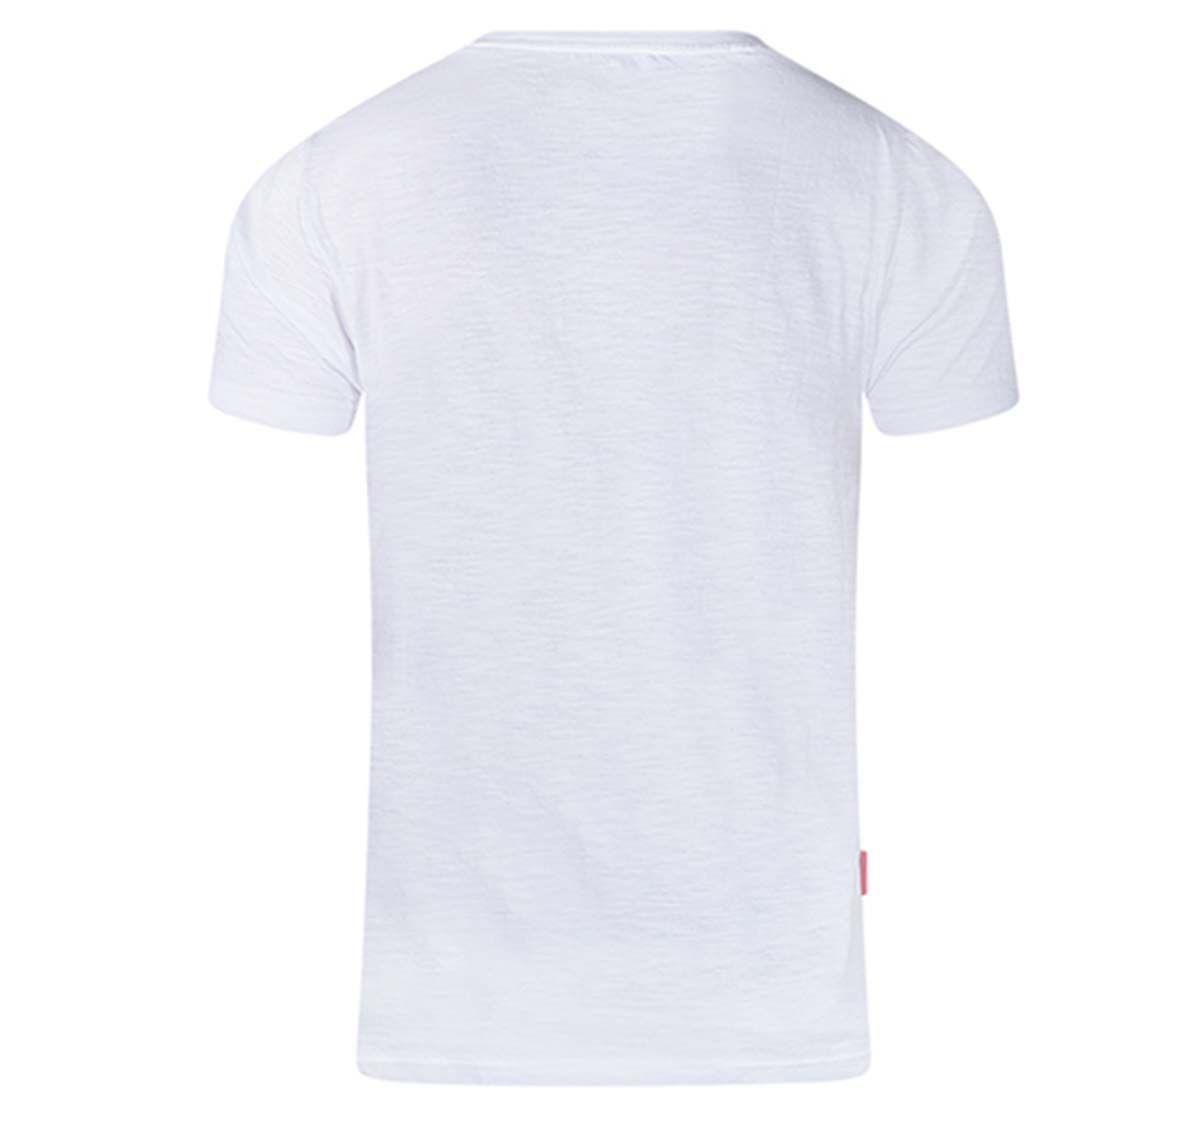 aussieBum Camiseta DESIGNER TEE STAR RED, blanco